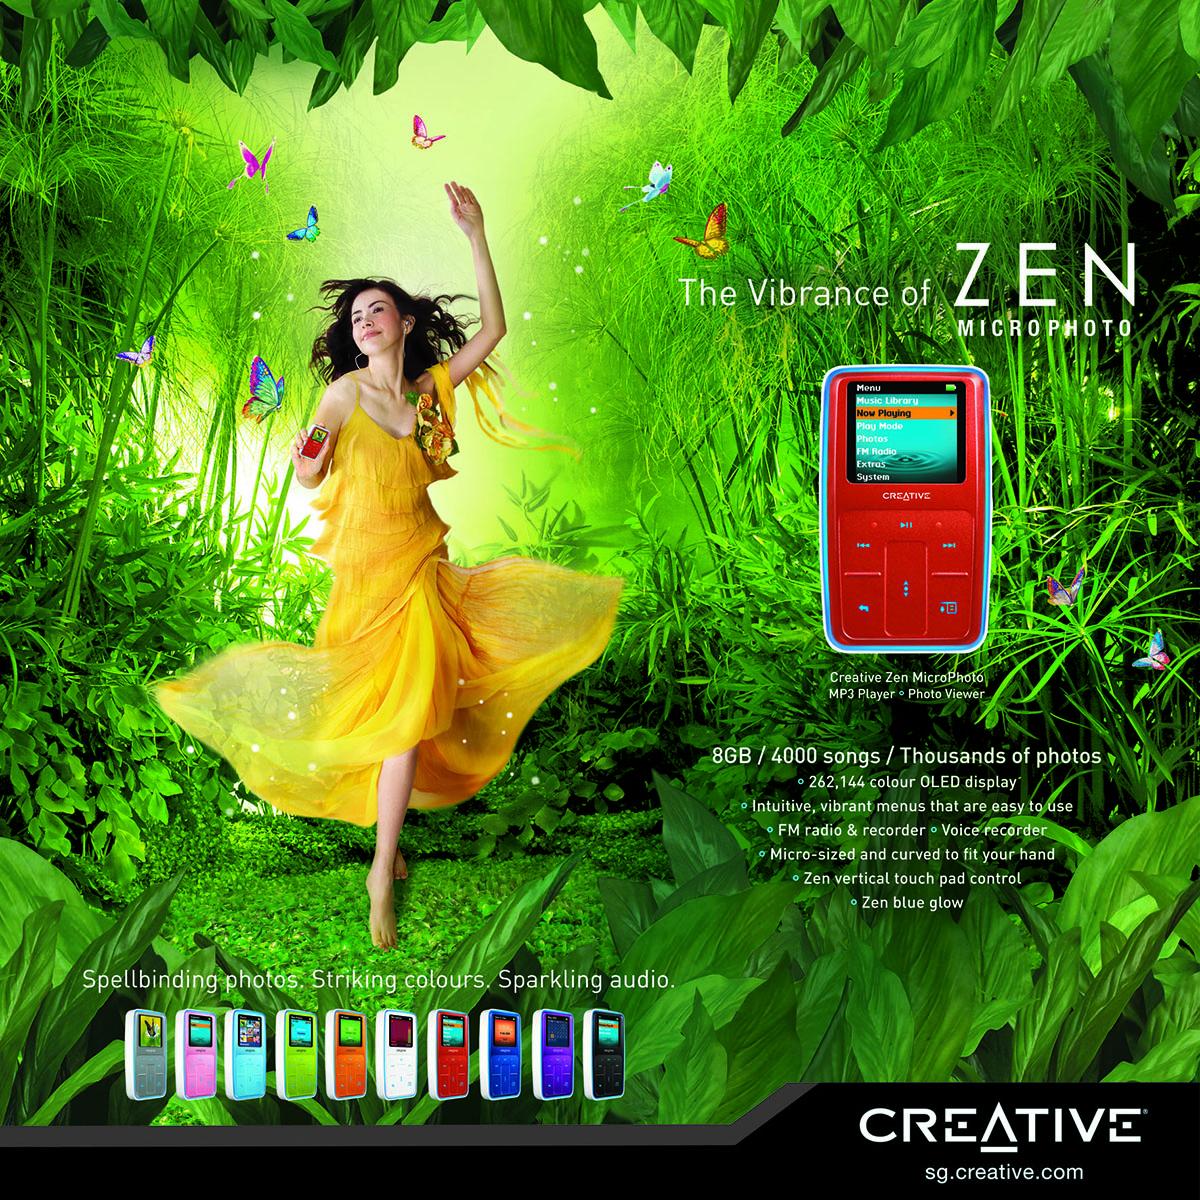 Yi Peng creative.jpg